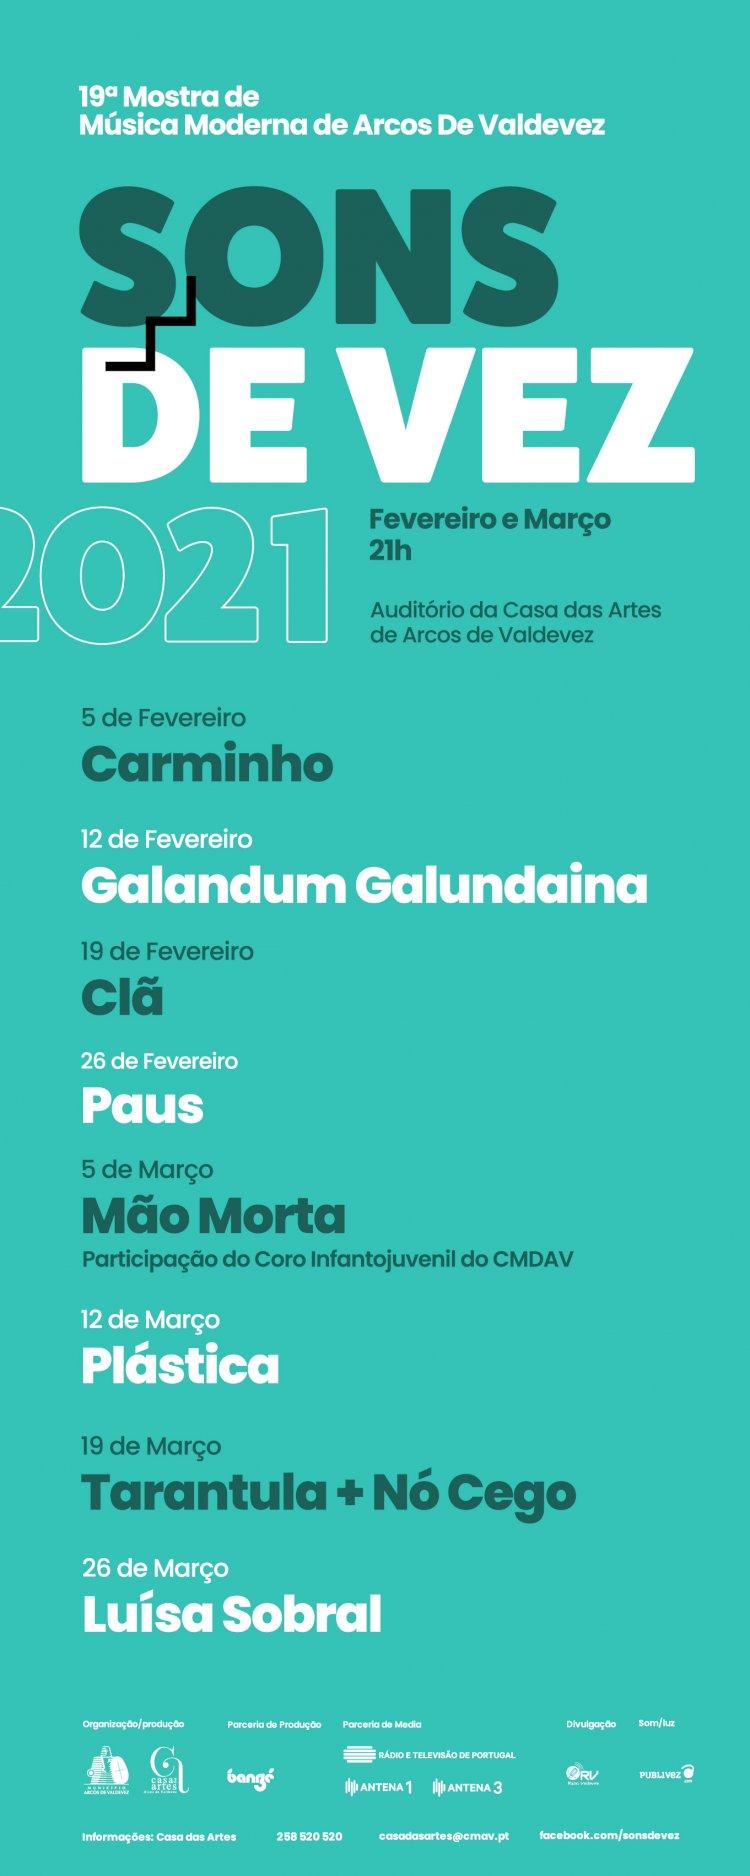 O Festival Sons de Vez regressa em 2021, com a sua 19ª edição repleta de grandes nomes